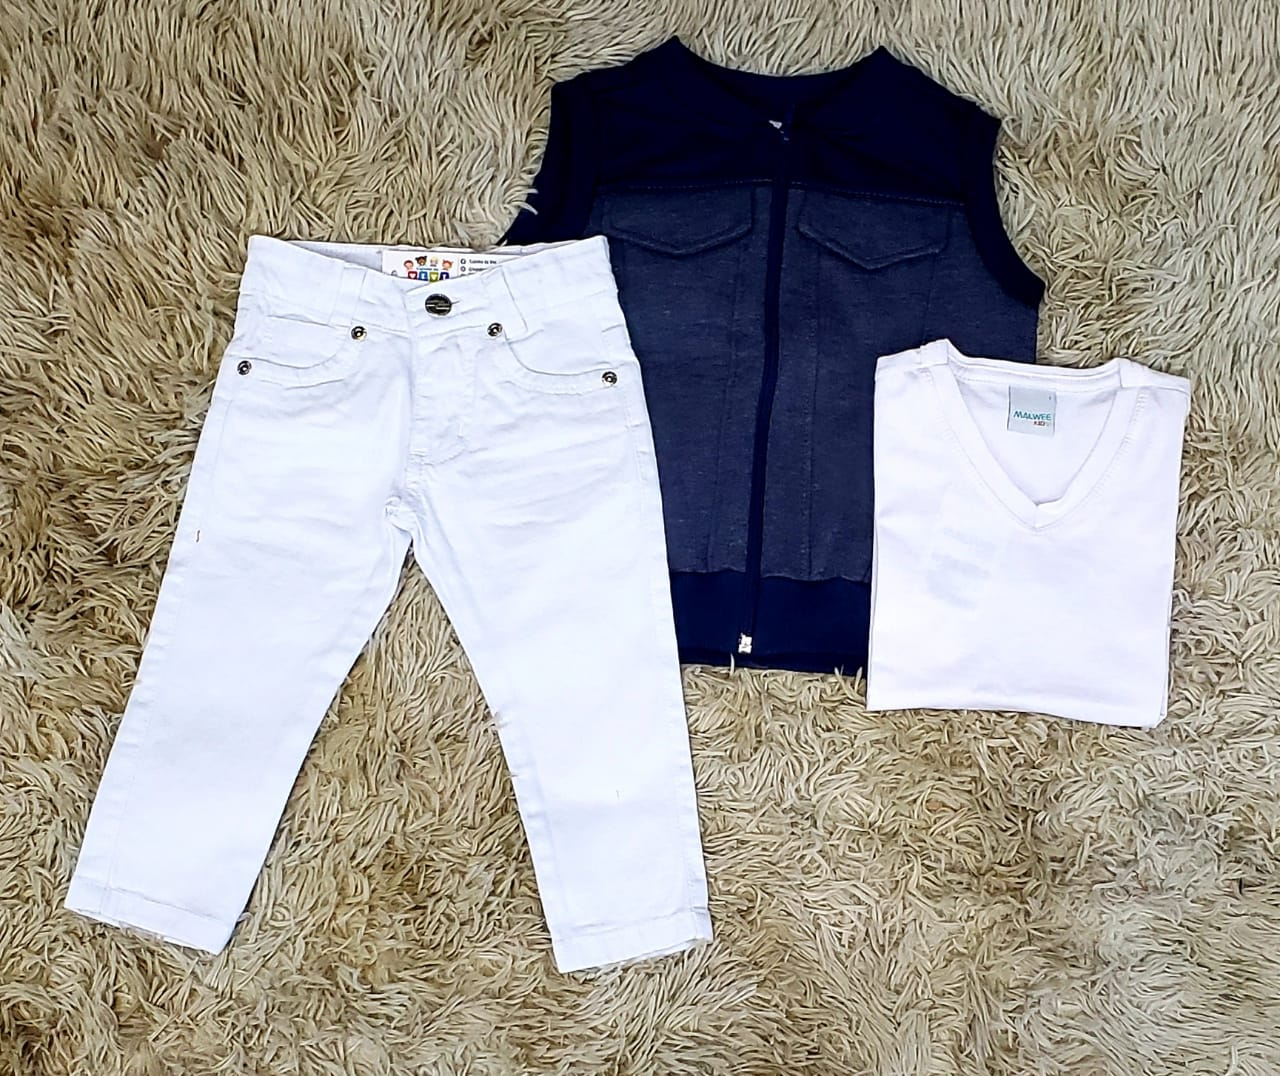 Calça Branca com Camiseta Branca e Colete